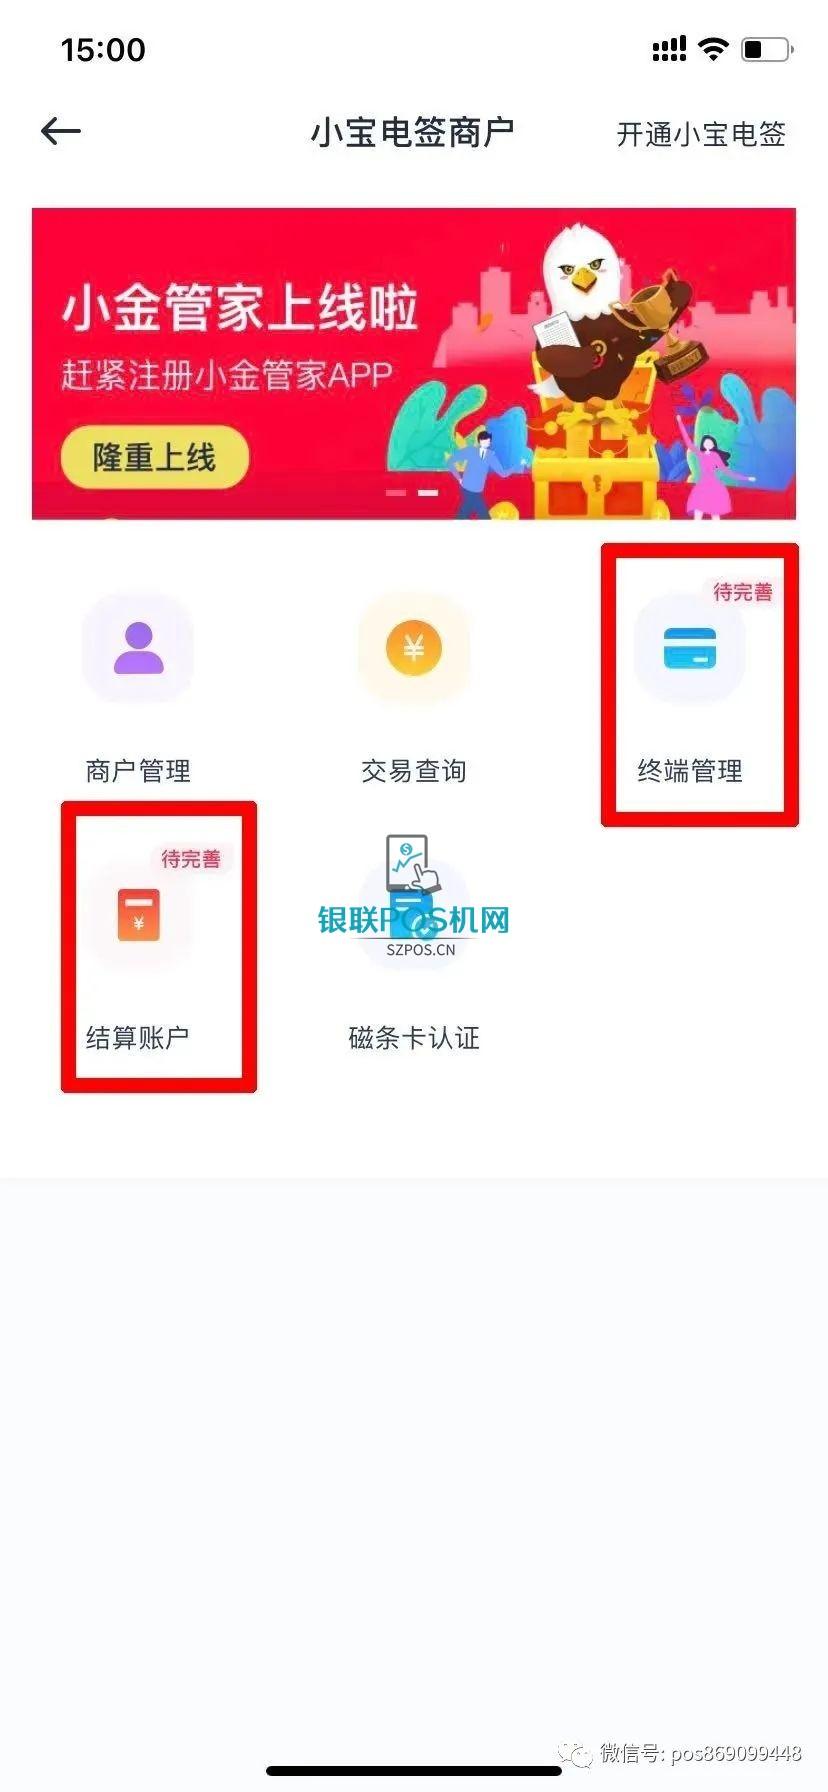 金小宝POS机怎么用(开机/激活/刷卡完整使用流程)